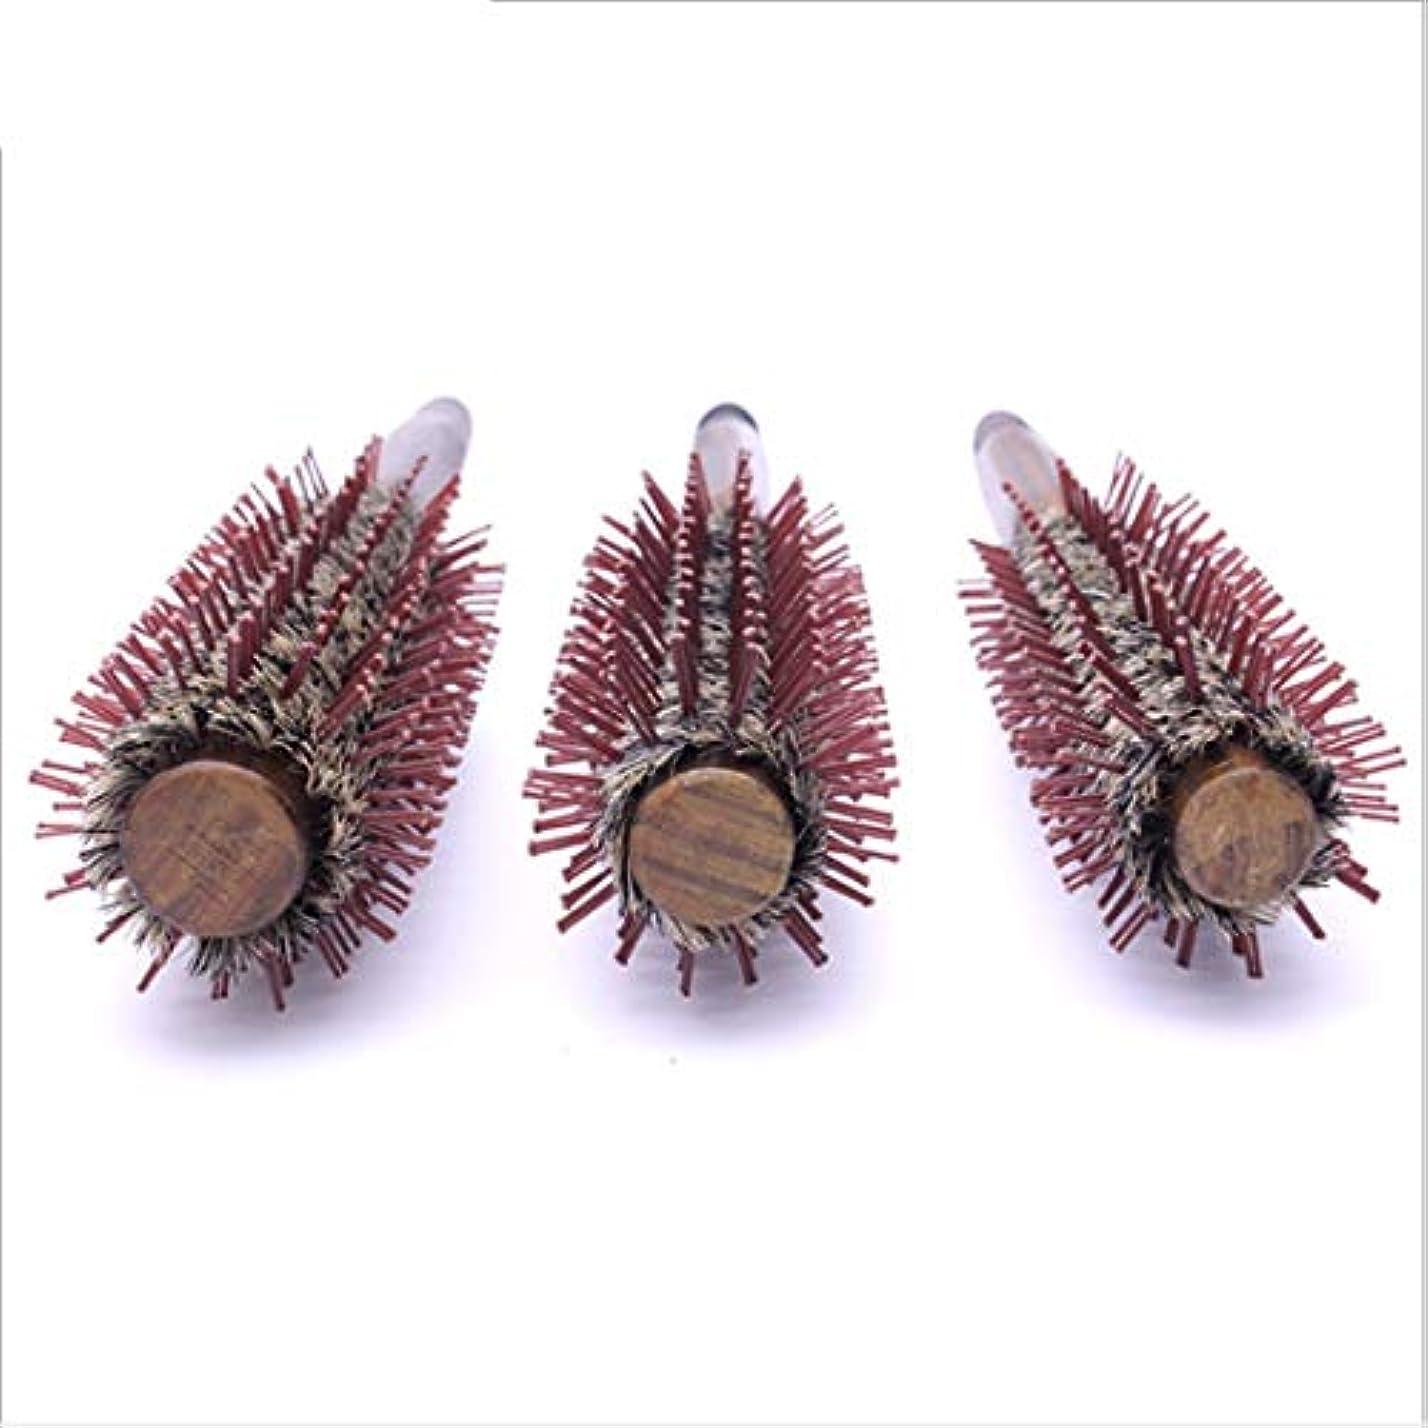 スカリー前方へミリメートル木のハンドルが付いている自然なイノシシの剛毛の円形のヘア?ブラシ、円形の櫛の直線11インチの長さ、毛の乾燥のためのスタイリングの基本、スタイリング モデリングツール (サイズ : L)